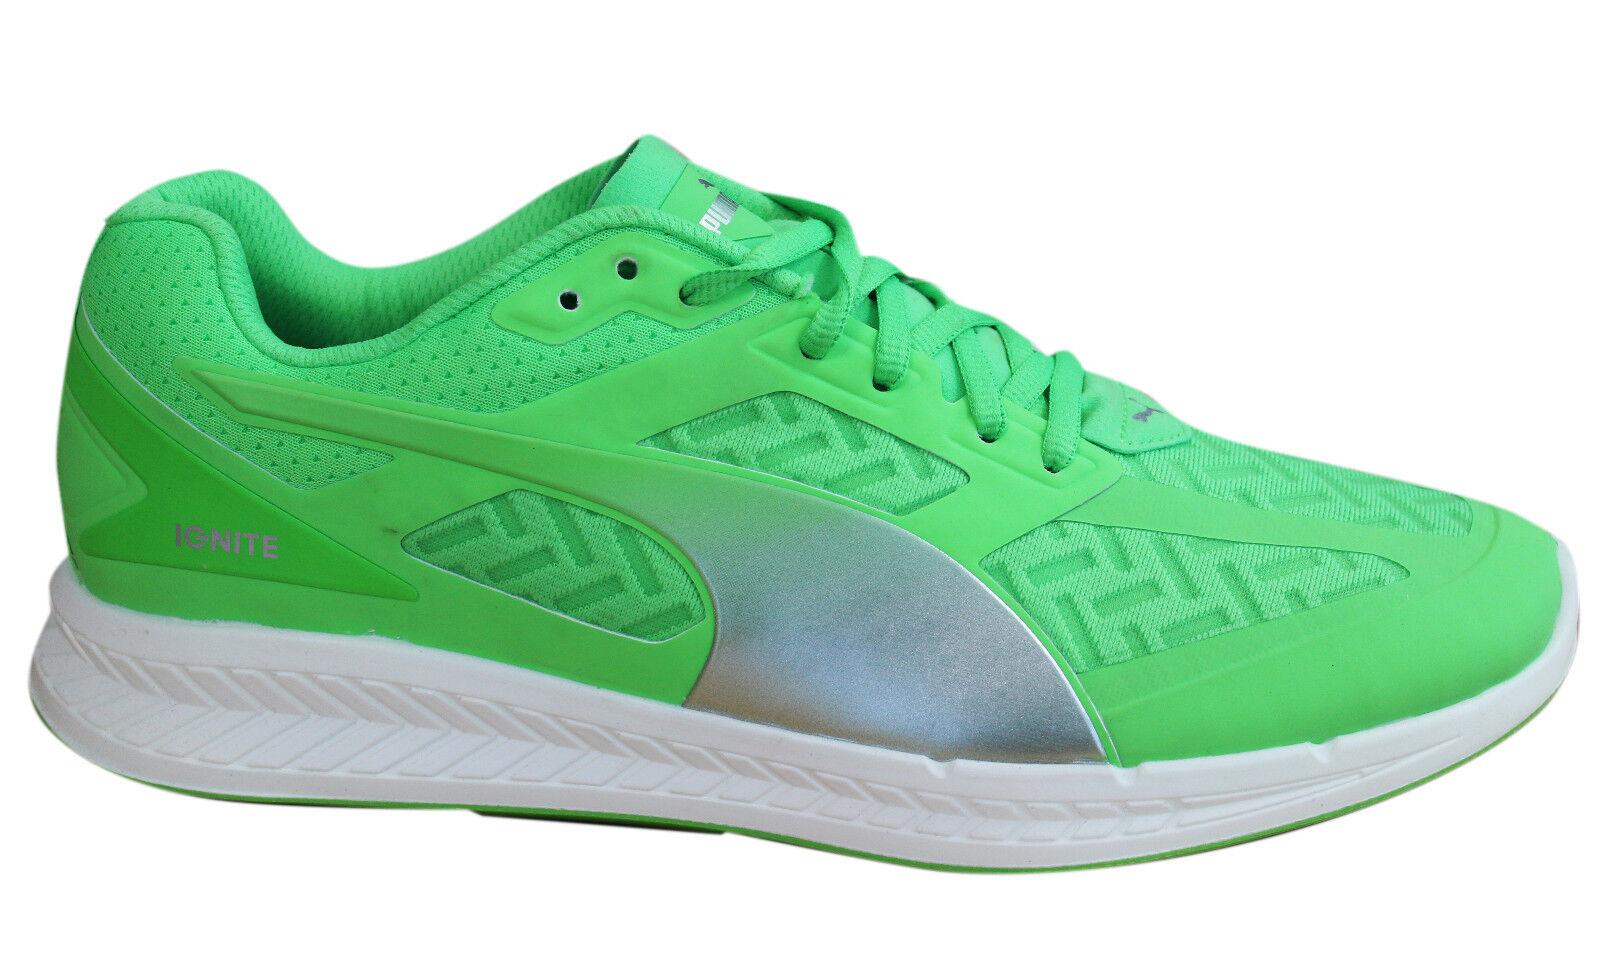 Puma entzünden PowerCool Herren Turnschuhe Laufschuhe Sport green188076 02 D77 D77 D77 83baaf